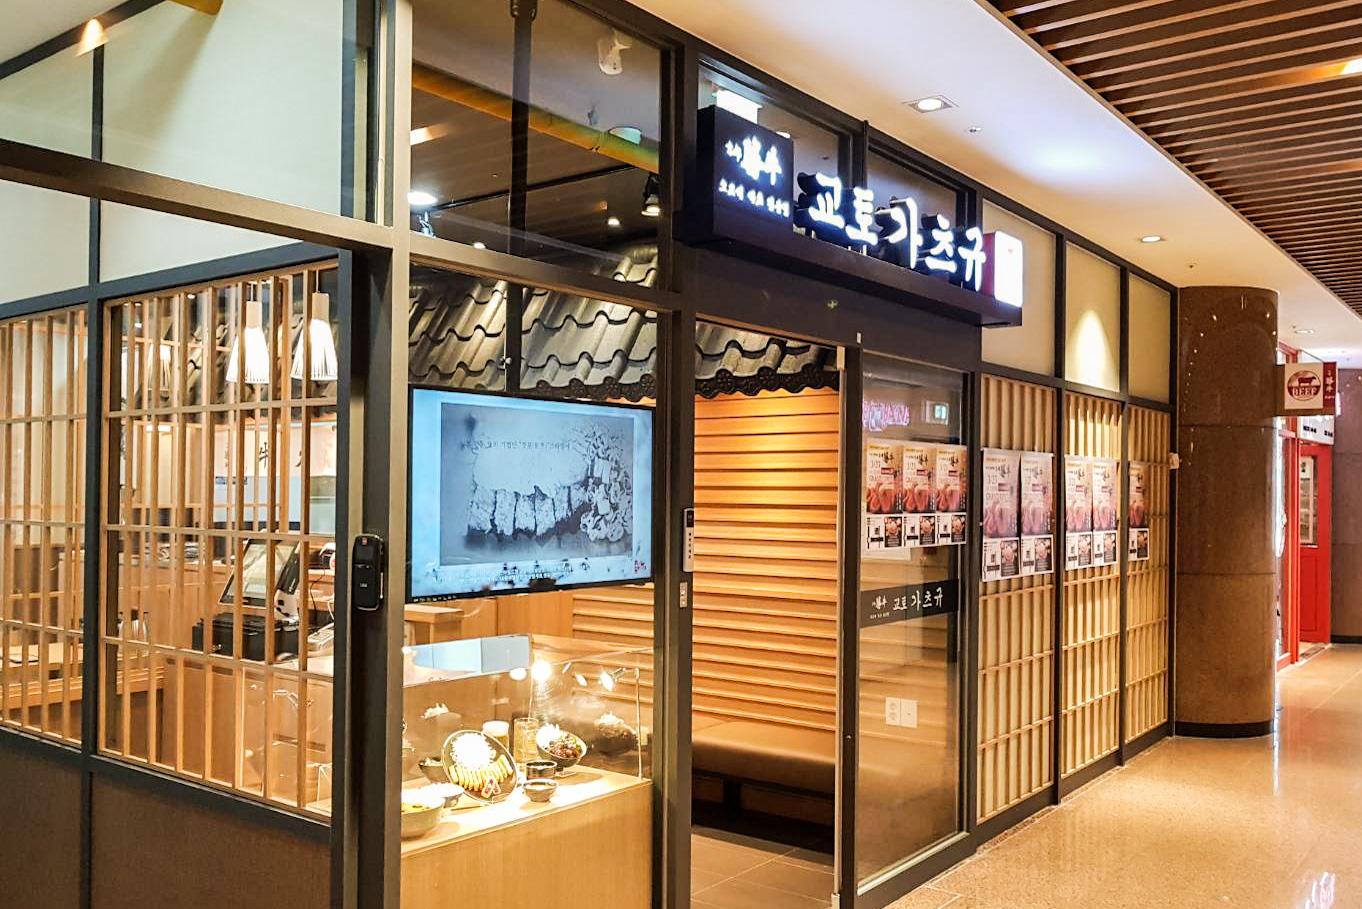 韓国13号店カンナム358タワー店 (2)